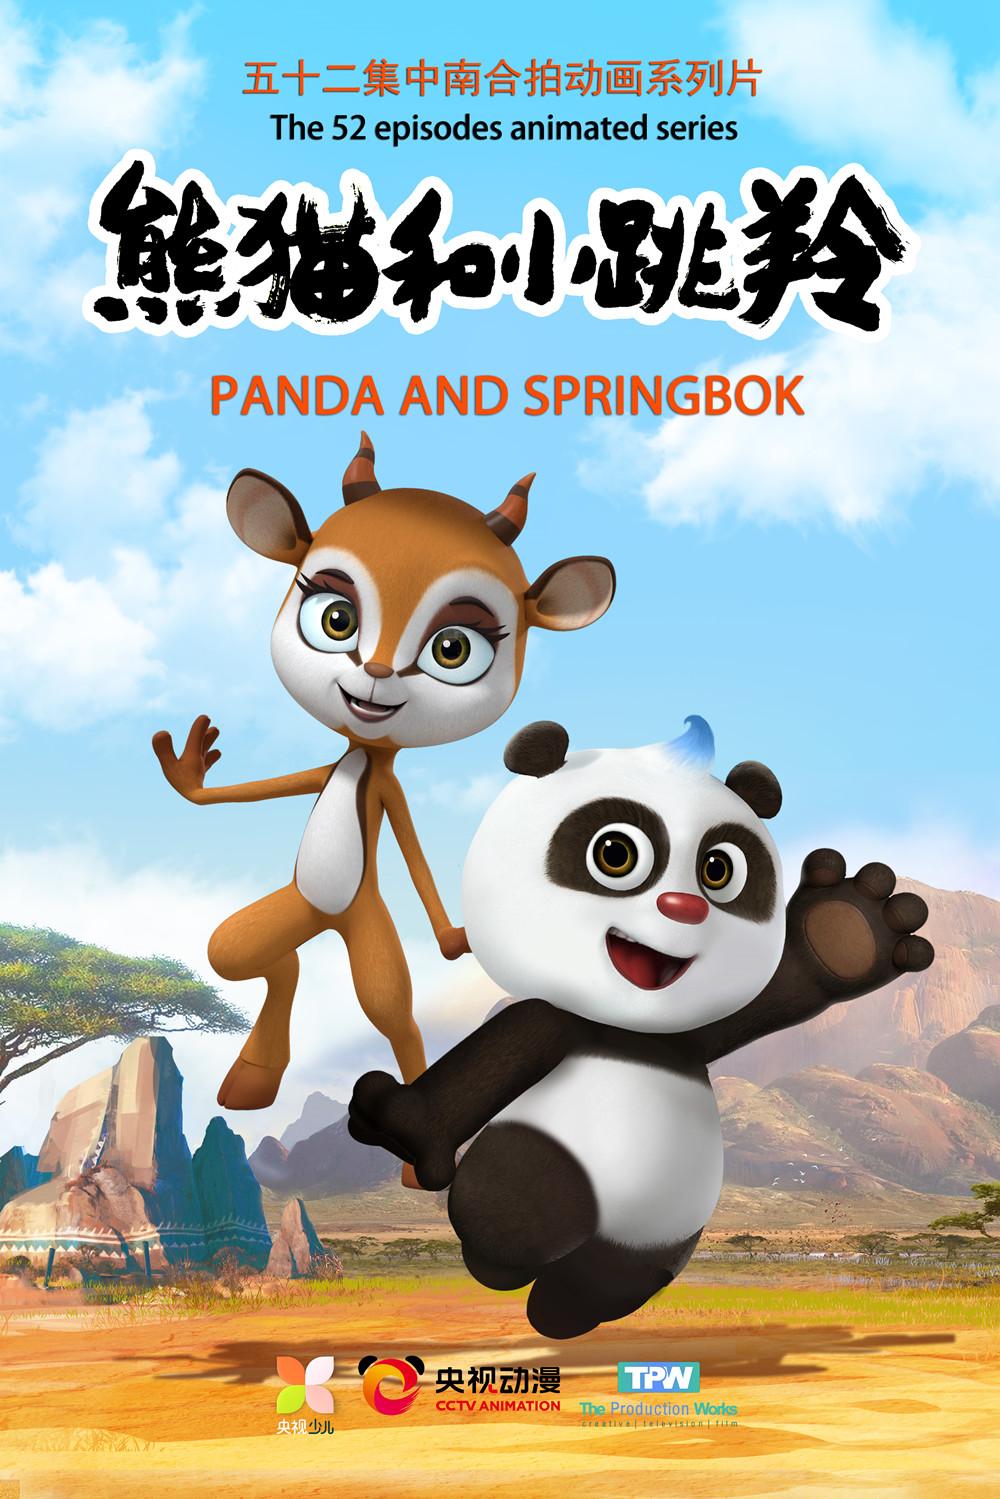 中南合拍《熊猫和小跳羚》